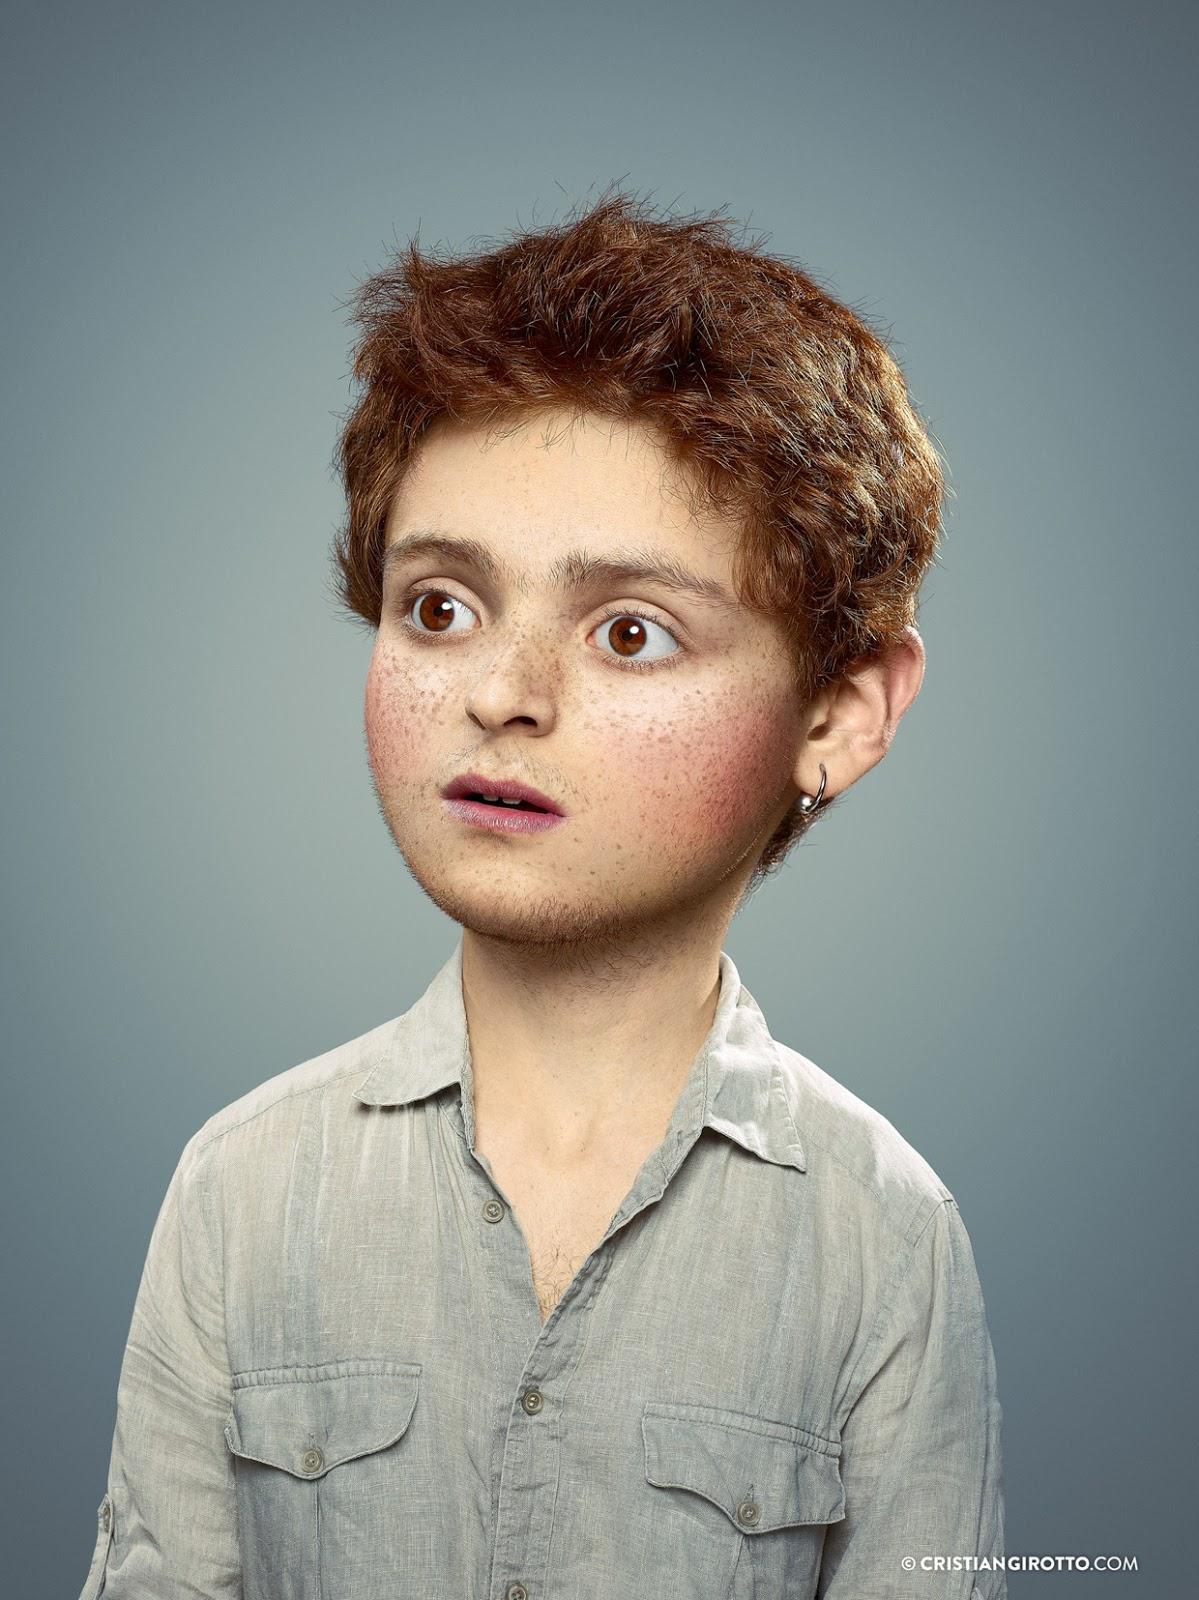 Cristian Girotto. L' Enfant Extérieur